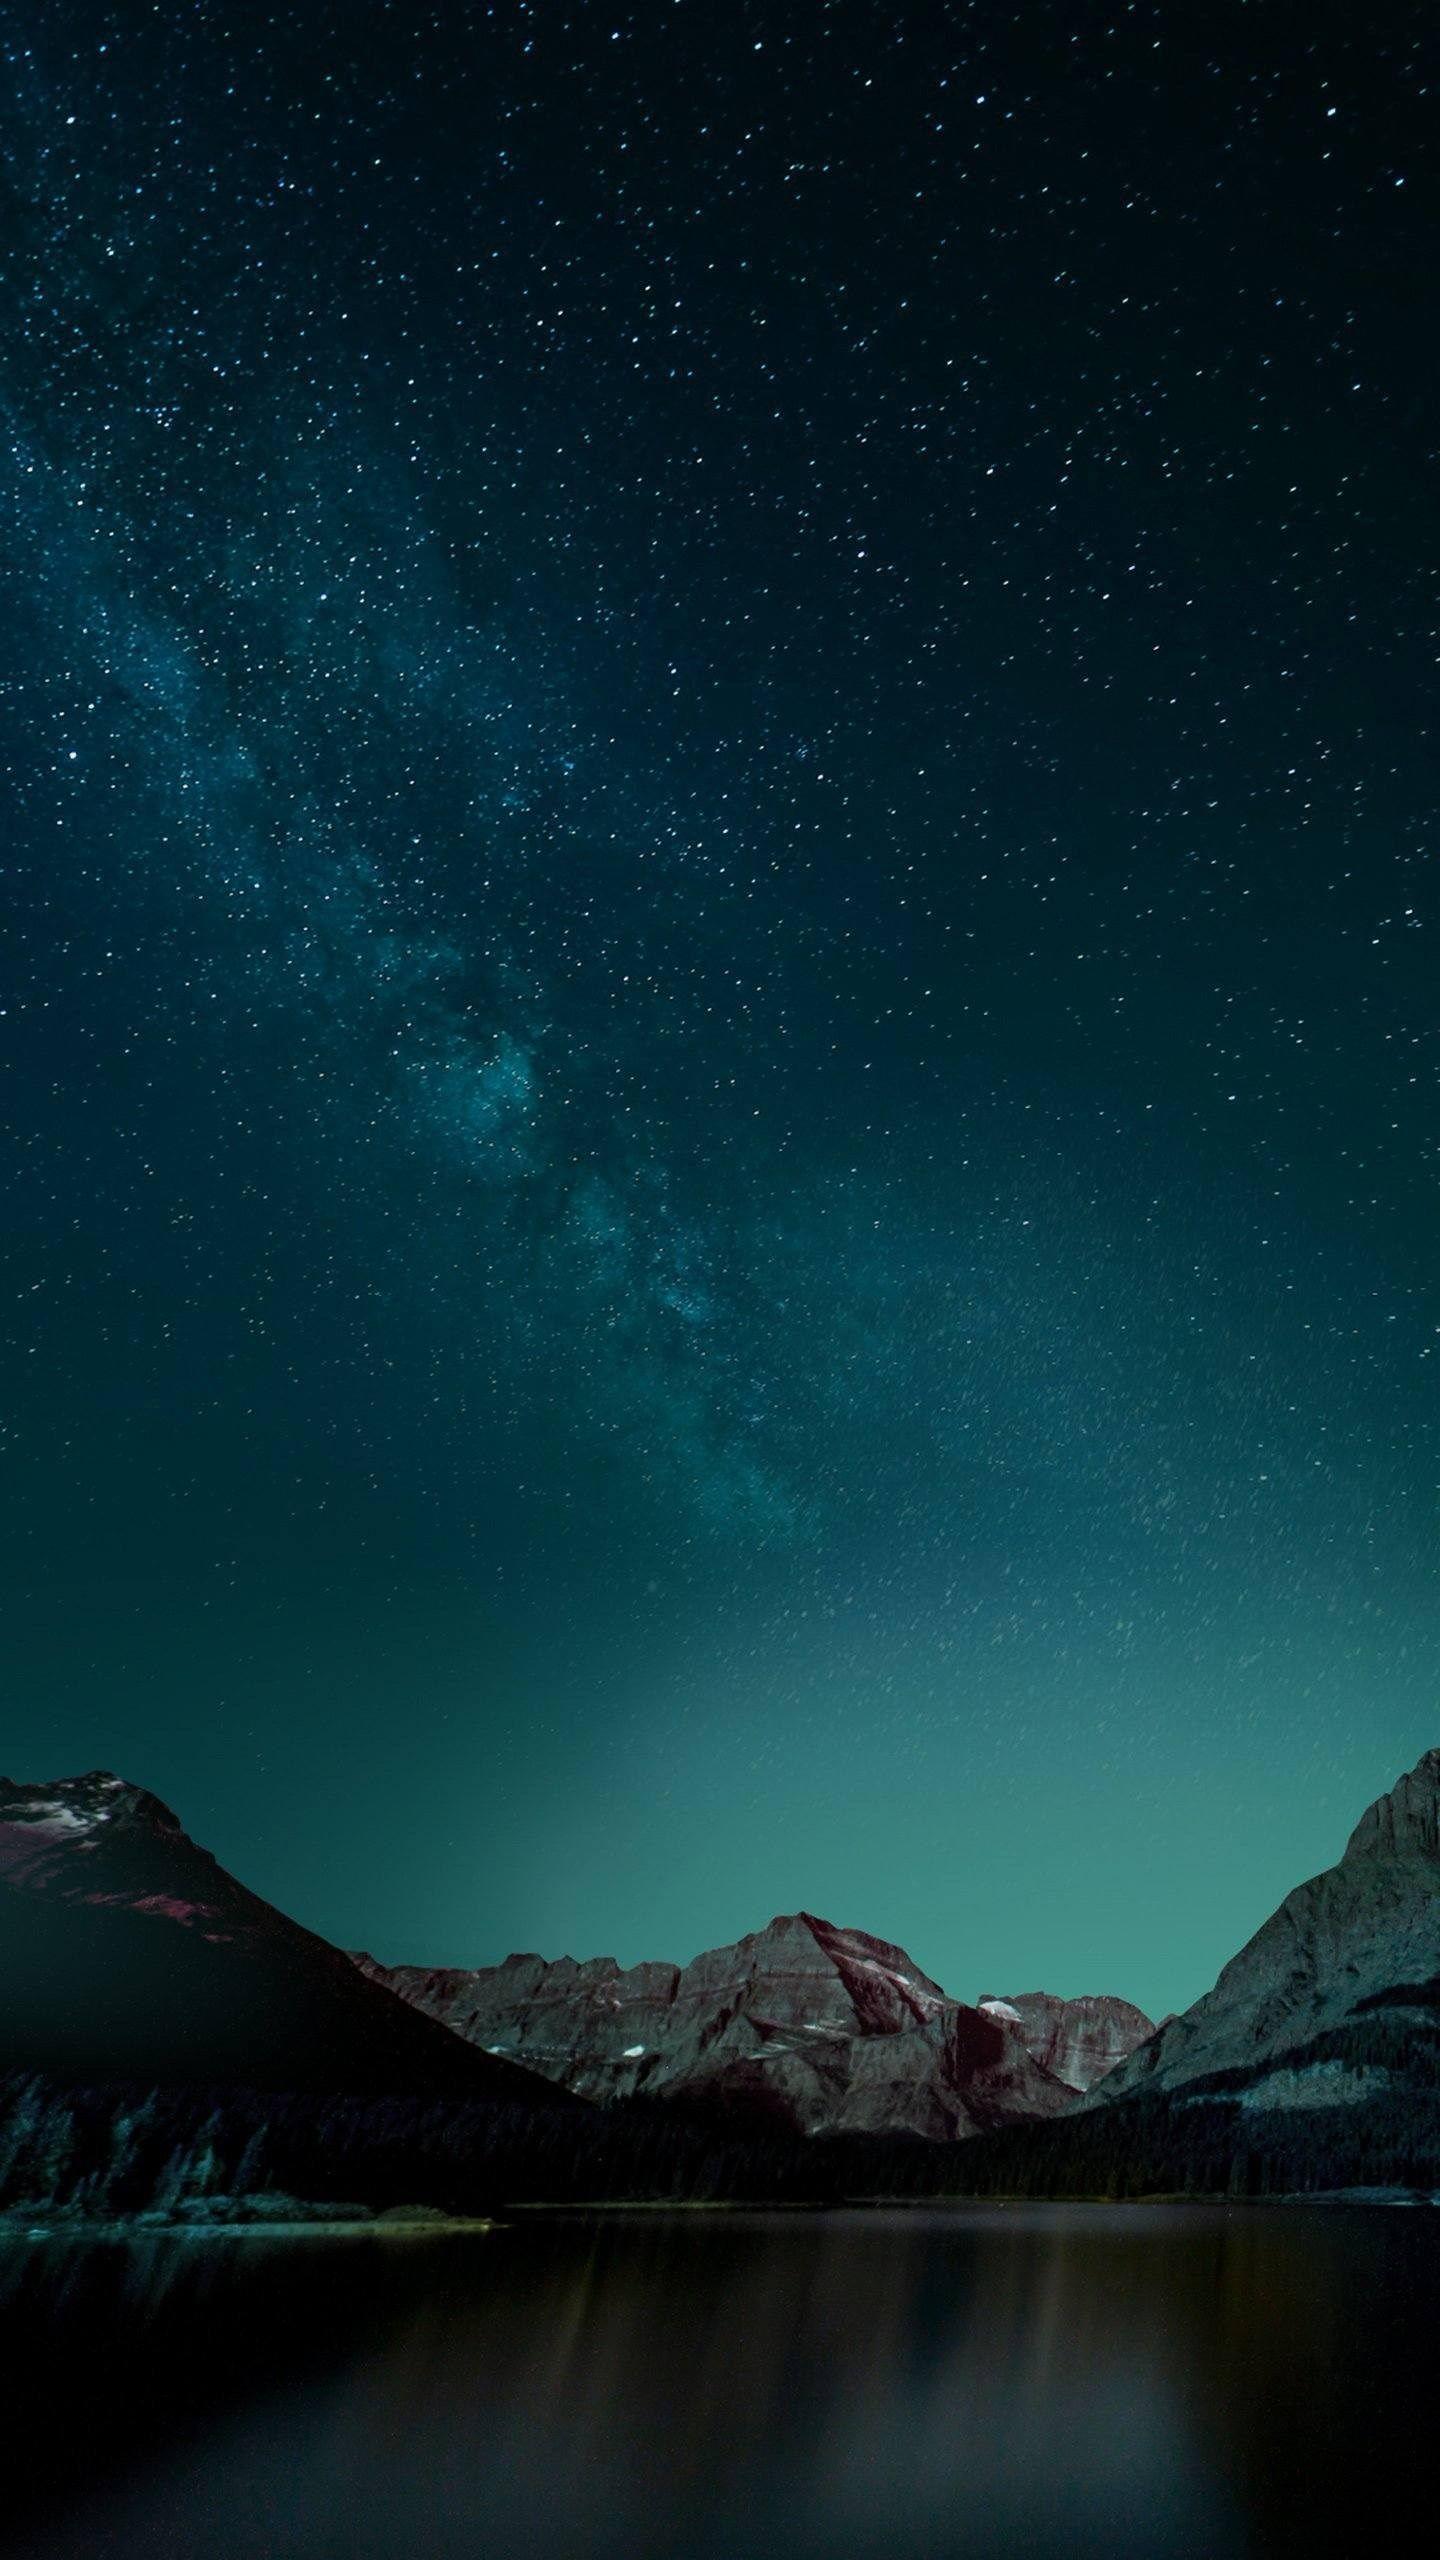 1440 X 2560 Backgrounds Iphone Wallpaper Hipster Nature Wallpaper Galaxy Wallpaper